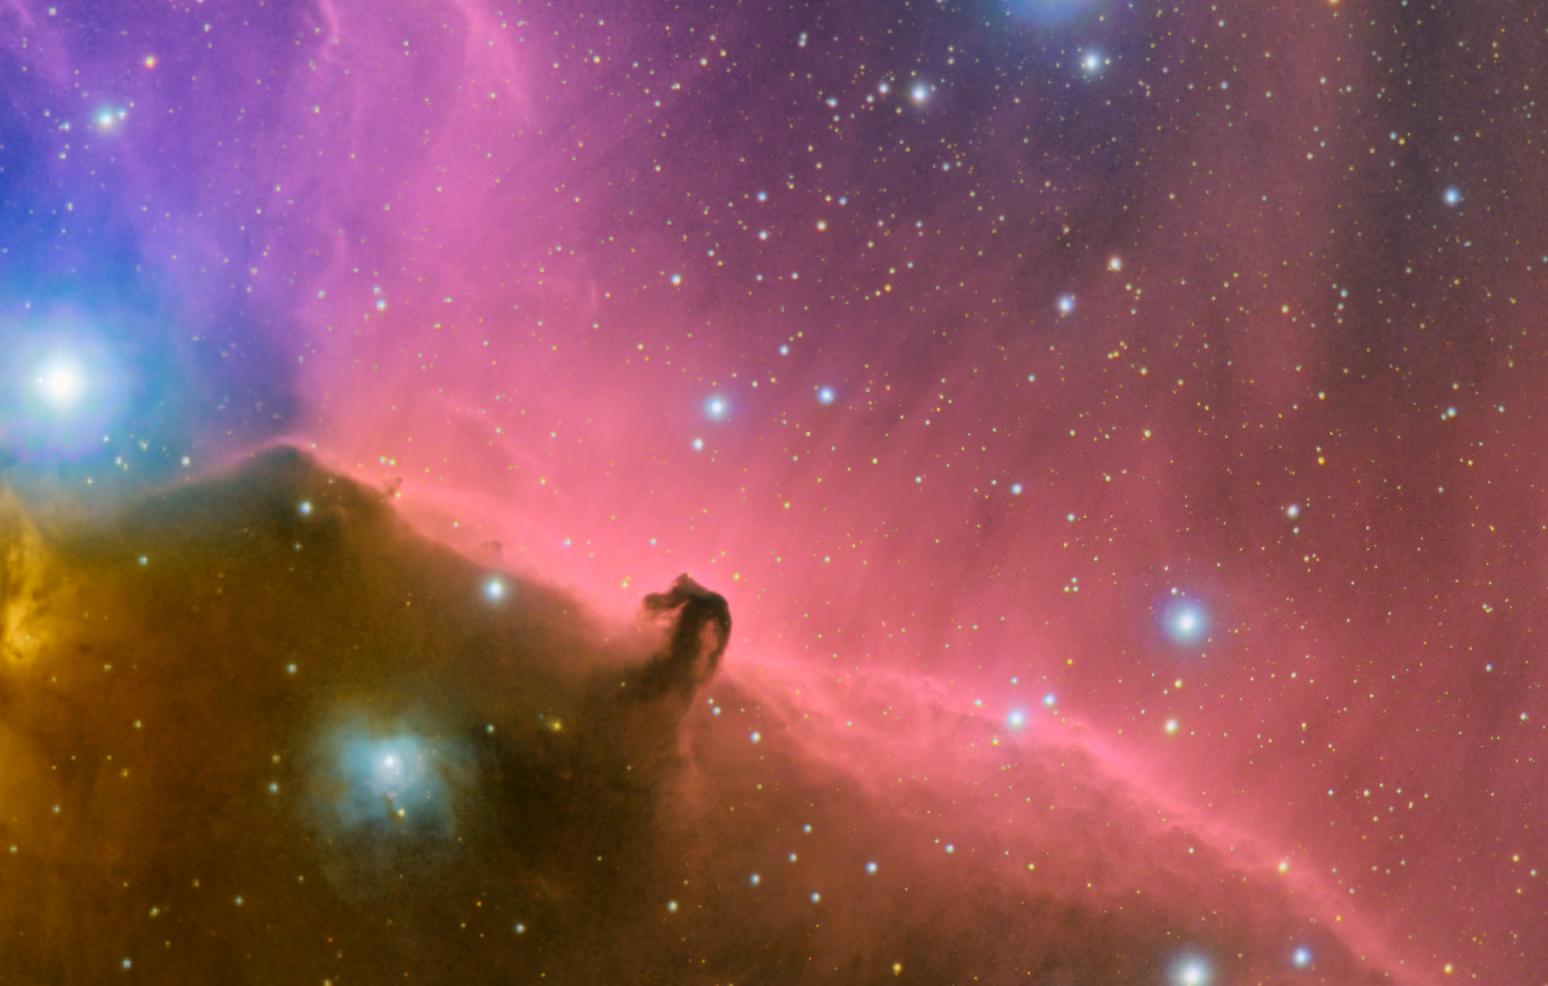 le nuage de poussières Barnard 33 qui se détache devant les rideaux d'hydrogène rouge IC434, version Fabien